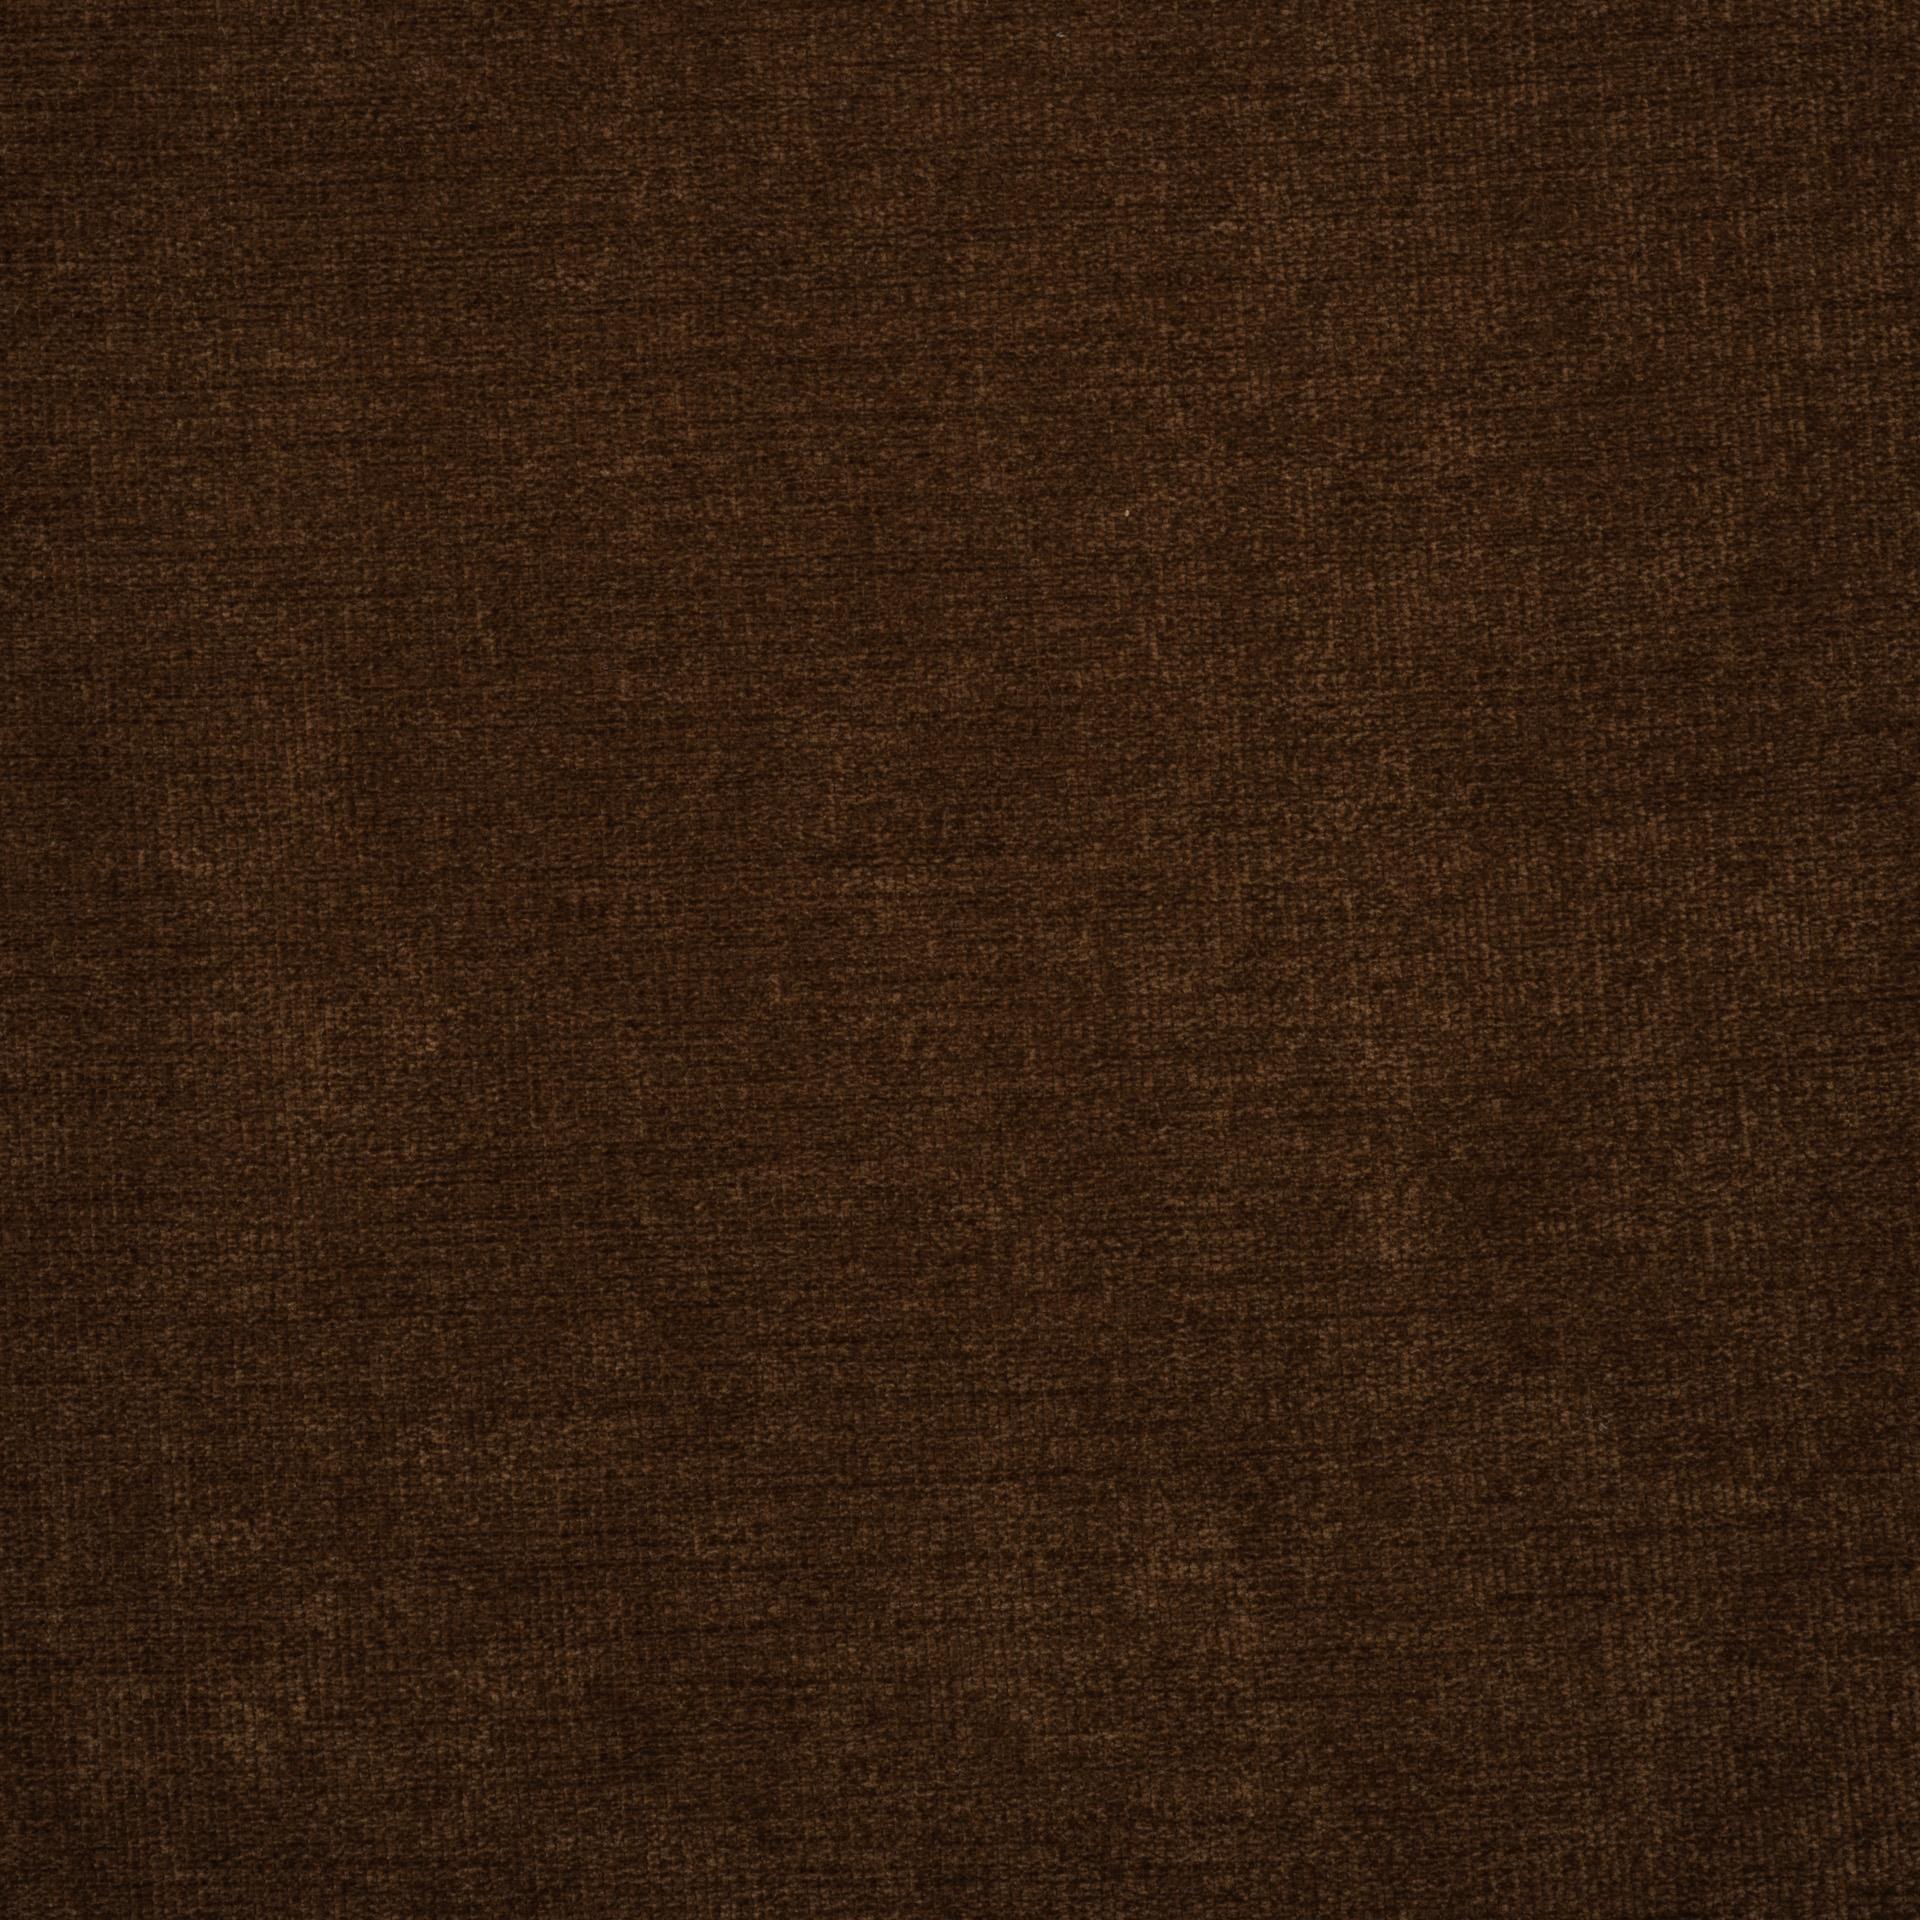 Коллекция ткани Кордрой 337,  купить ткань Велюр для мебели Украина